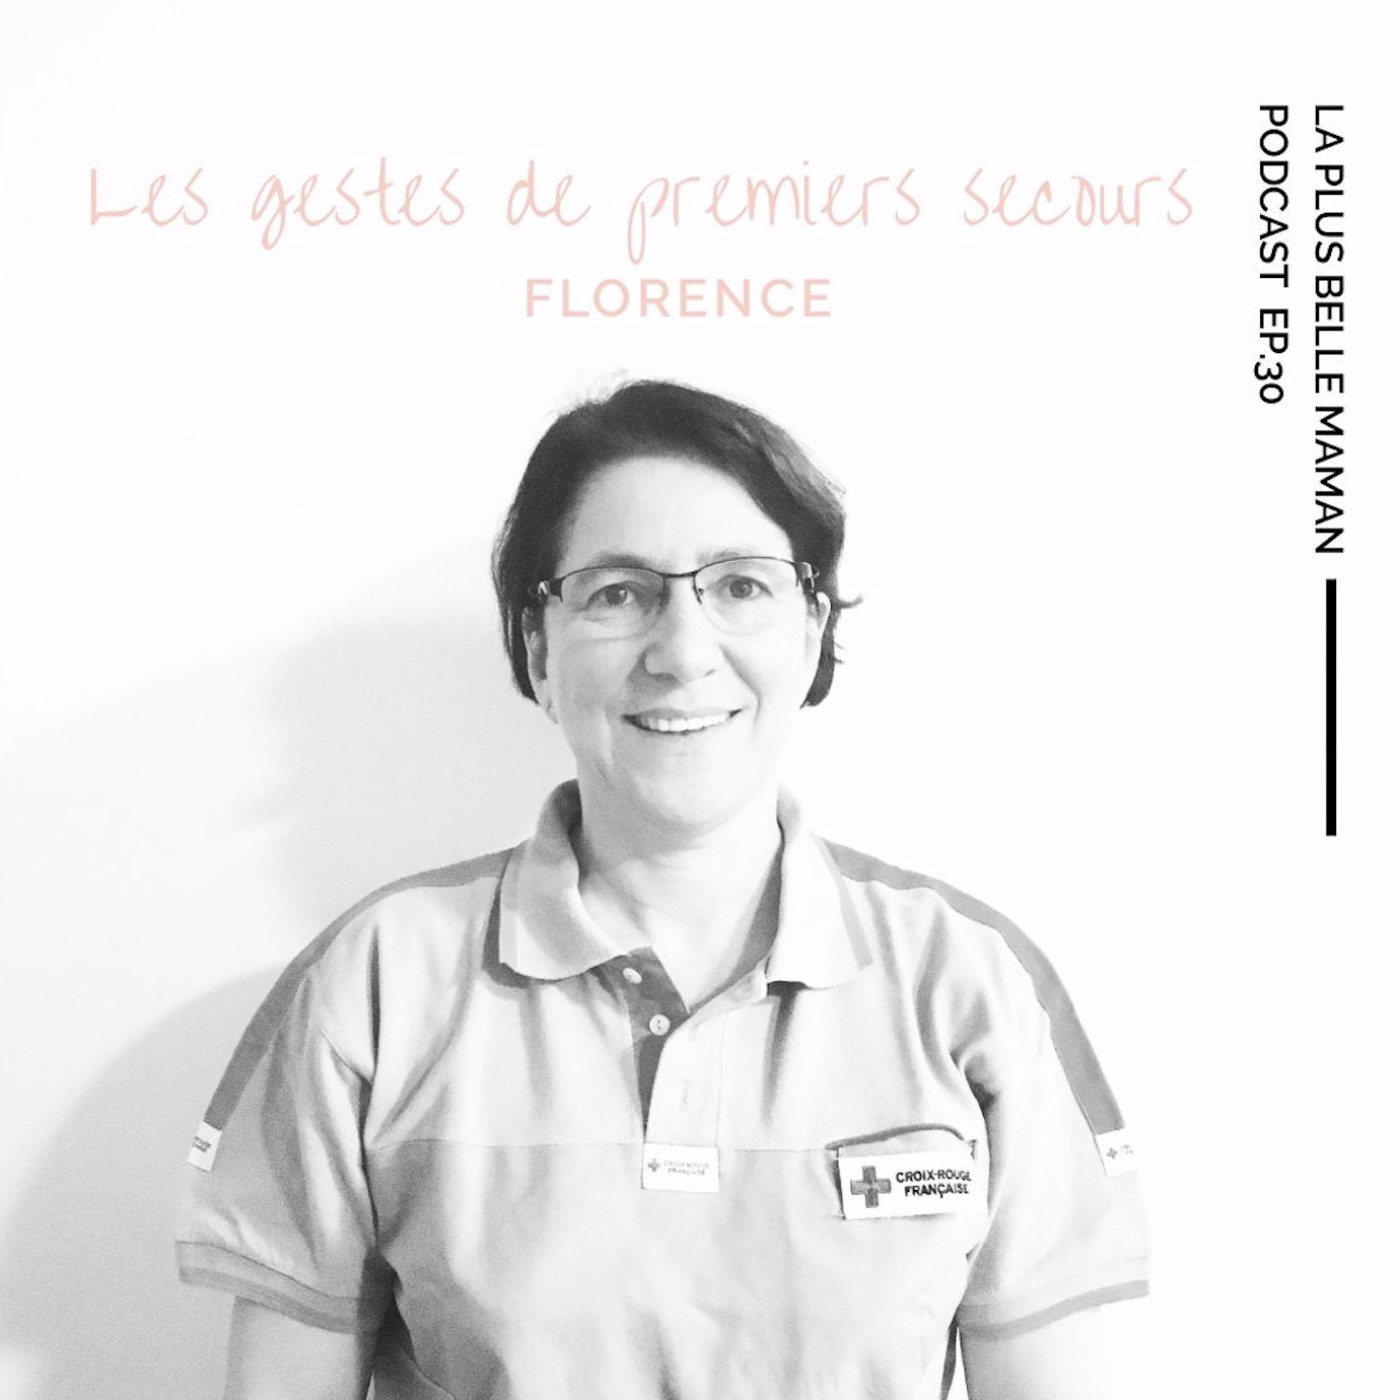 Les gestes de premiers secours avec Florence de la Croix-Rouge française